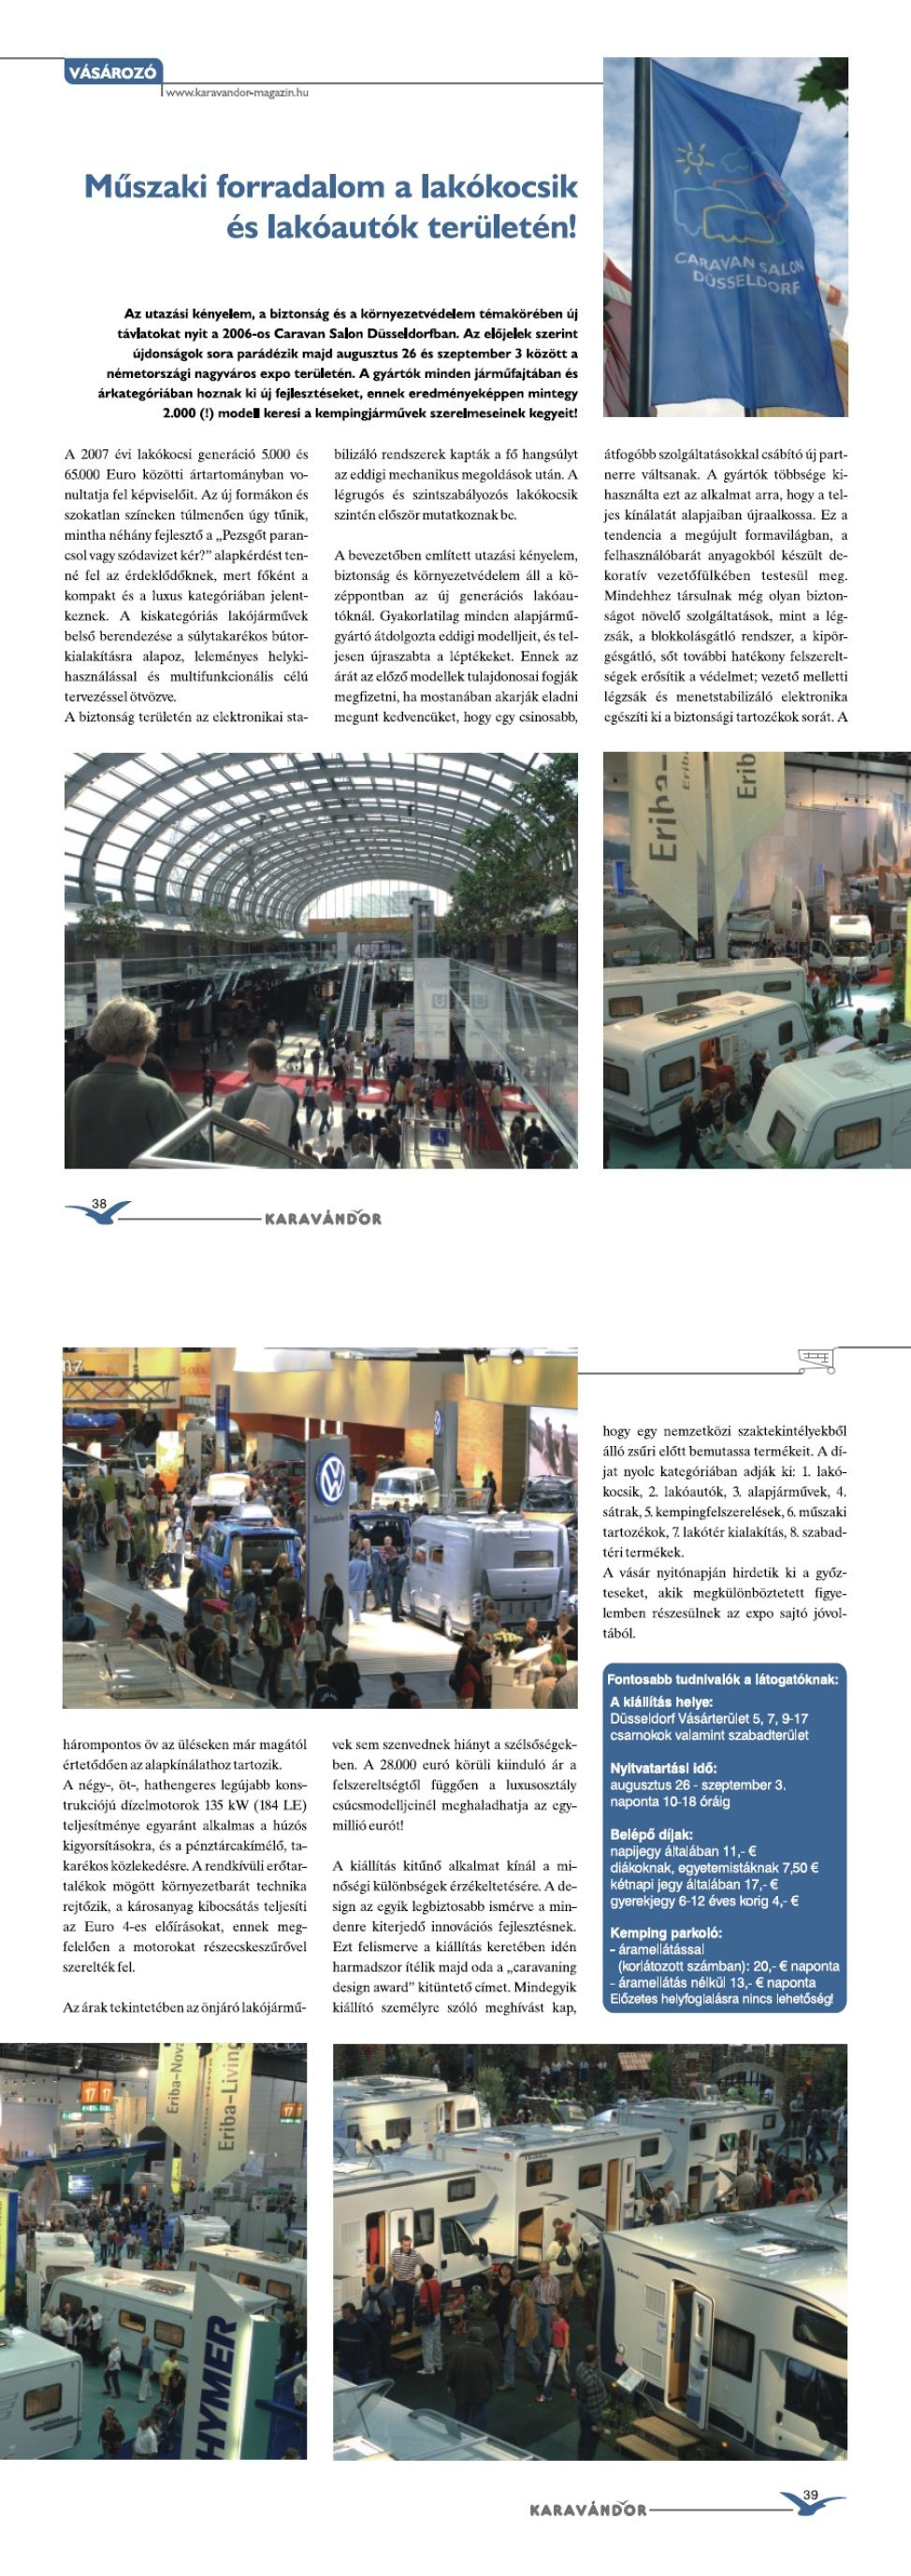 Vásározó - Caravan Salon 2006, Düsseldorf